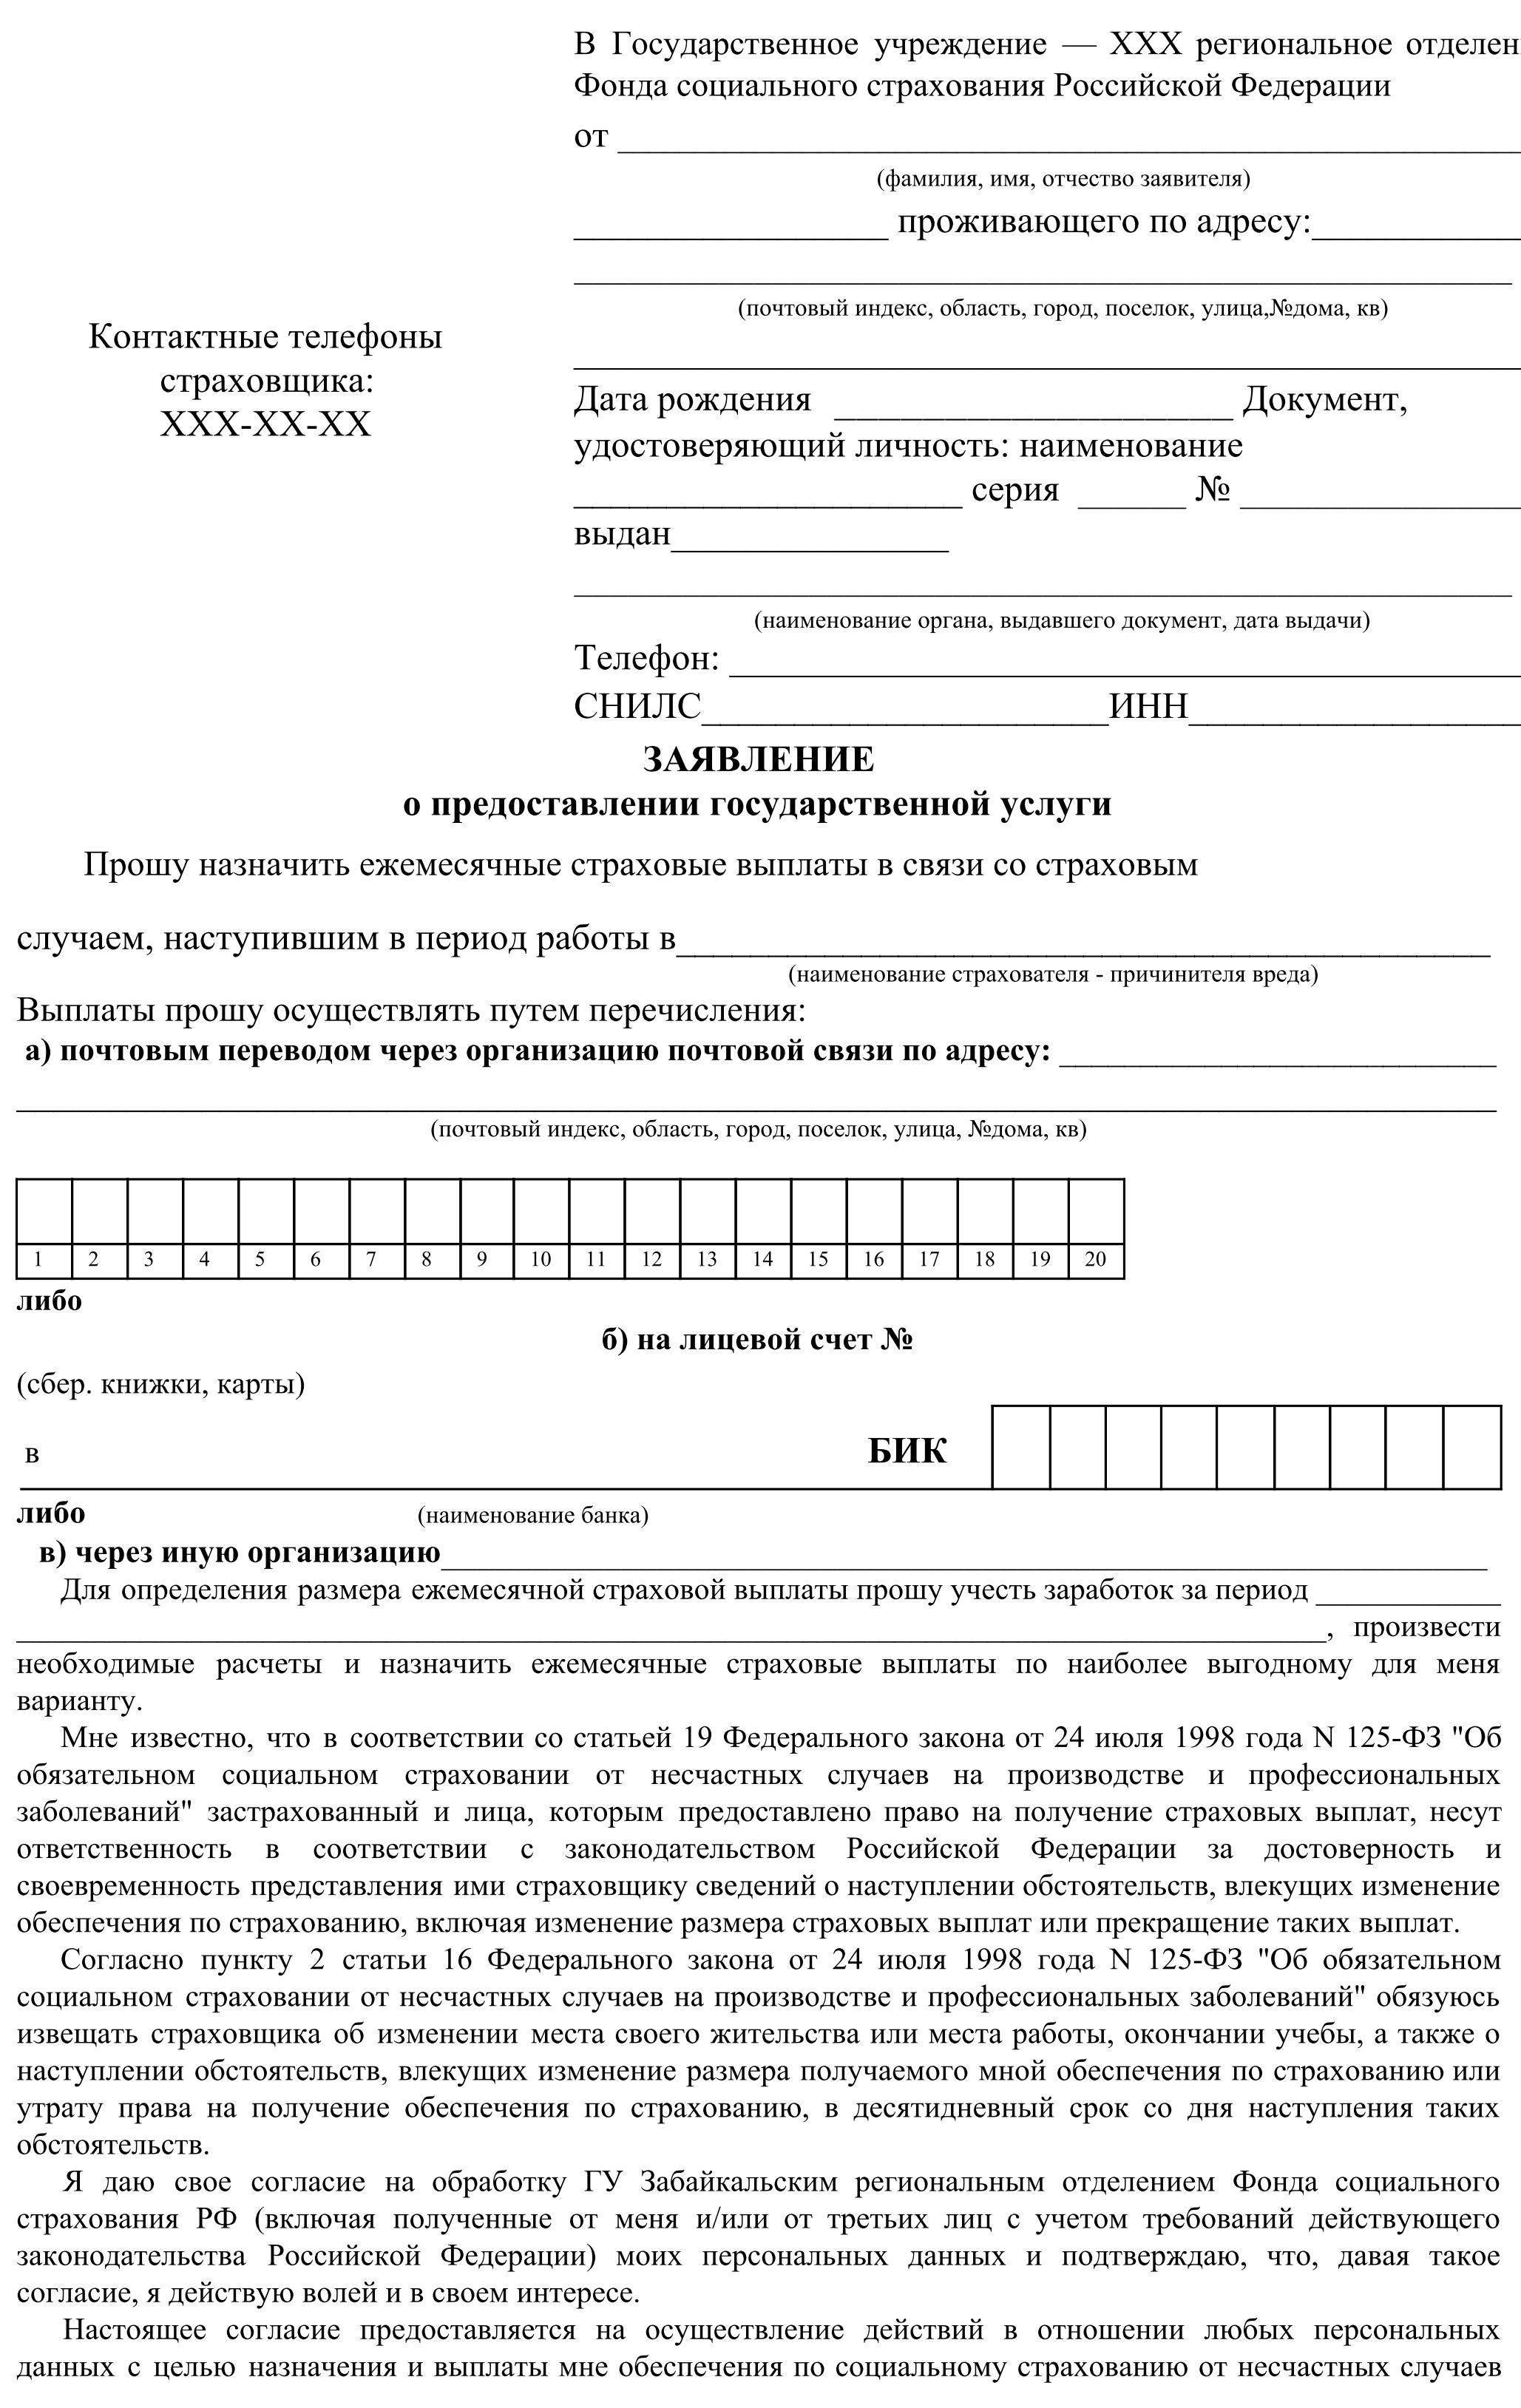 Разрешение на отклонение от предельных параметров строительства